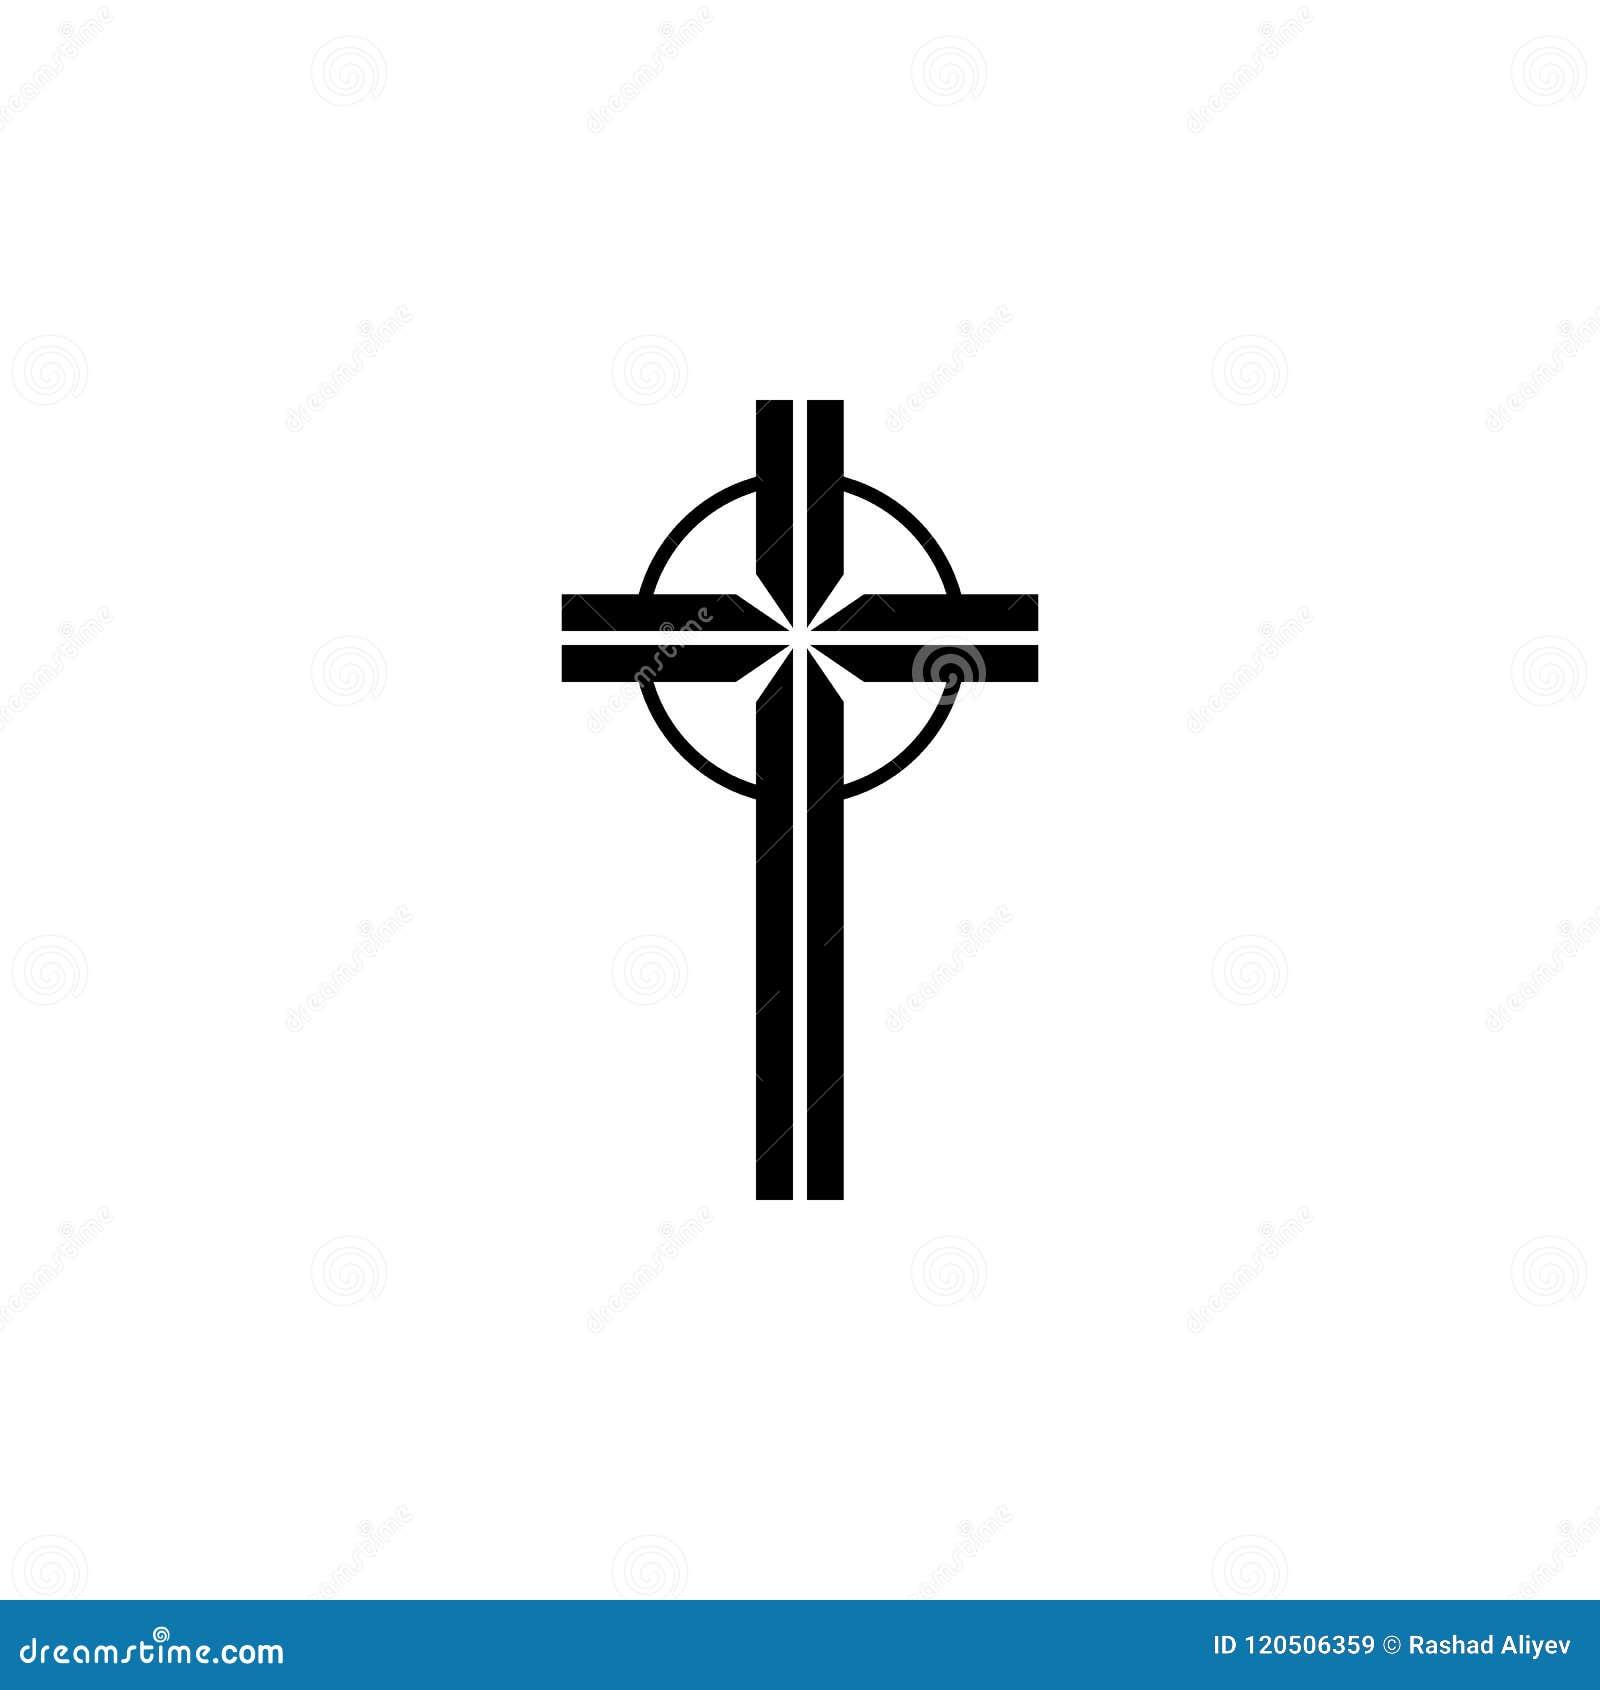 Icone De Croix Celtique Element D Icone De Tatouage Pour Les Apps